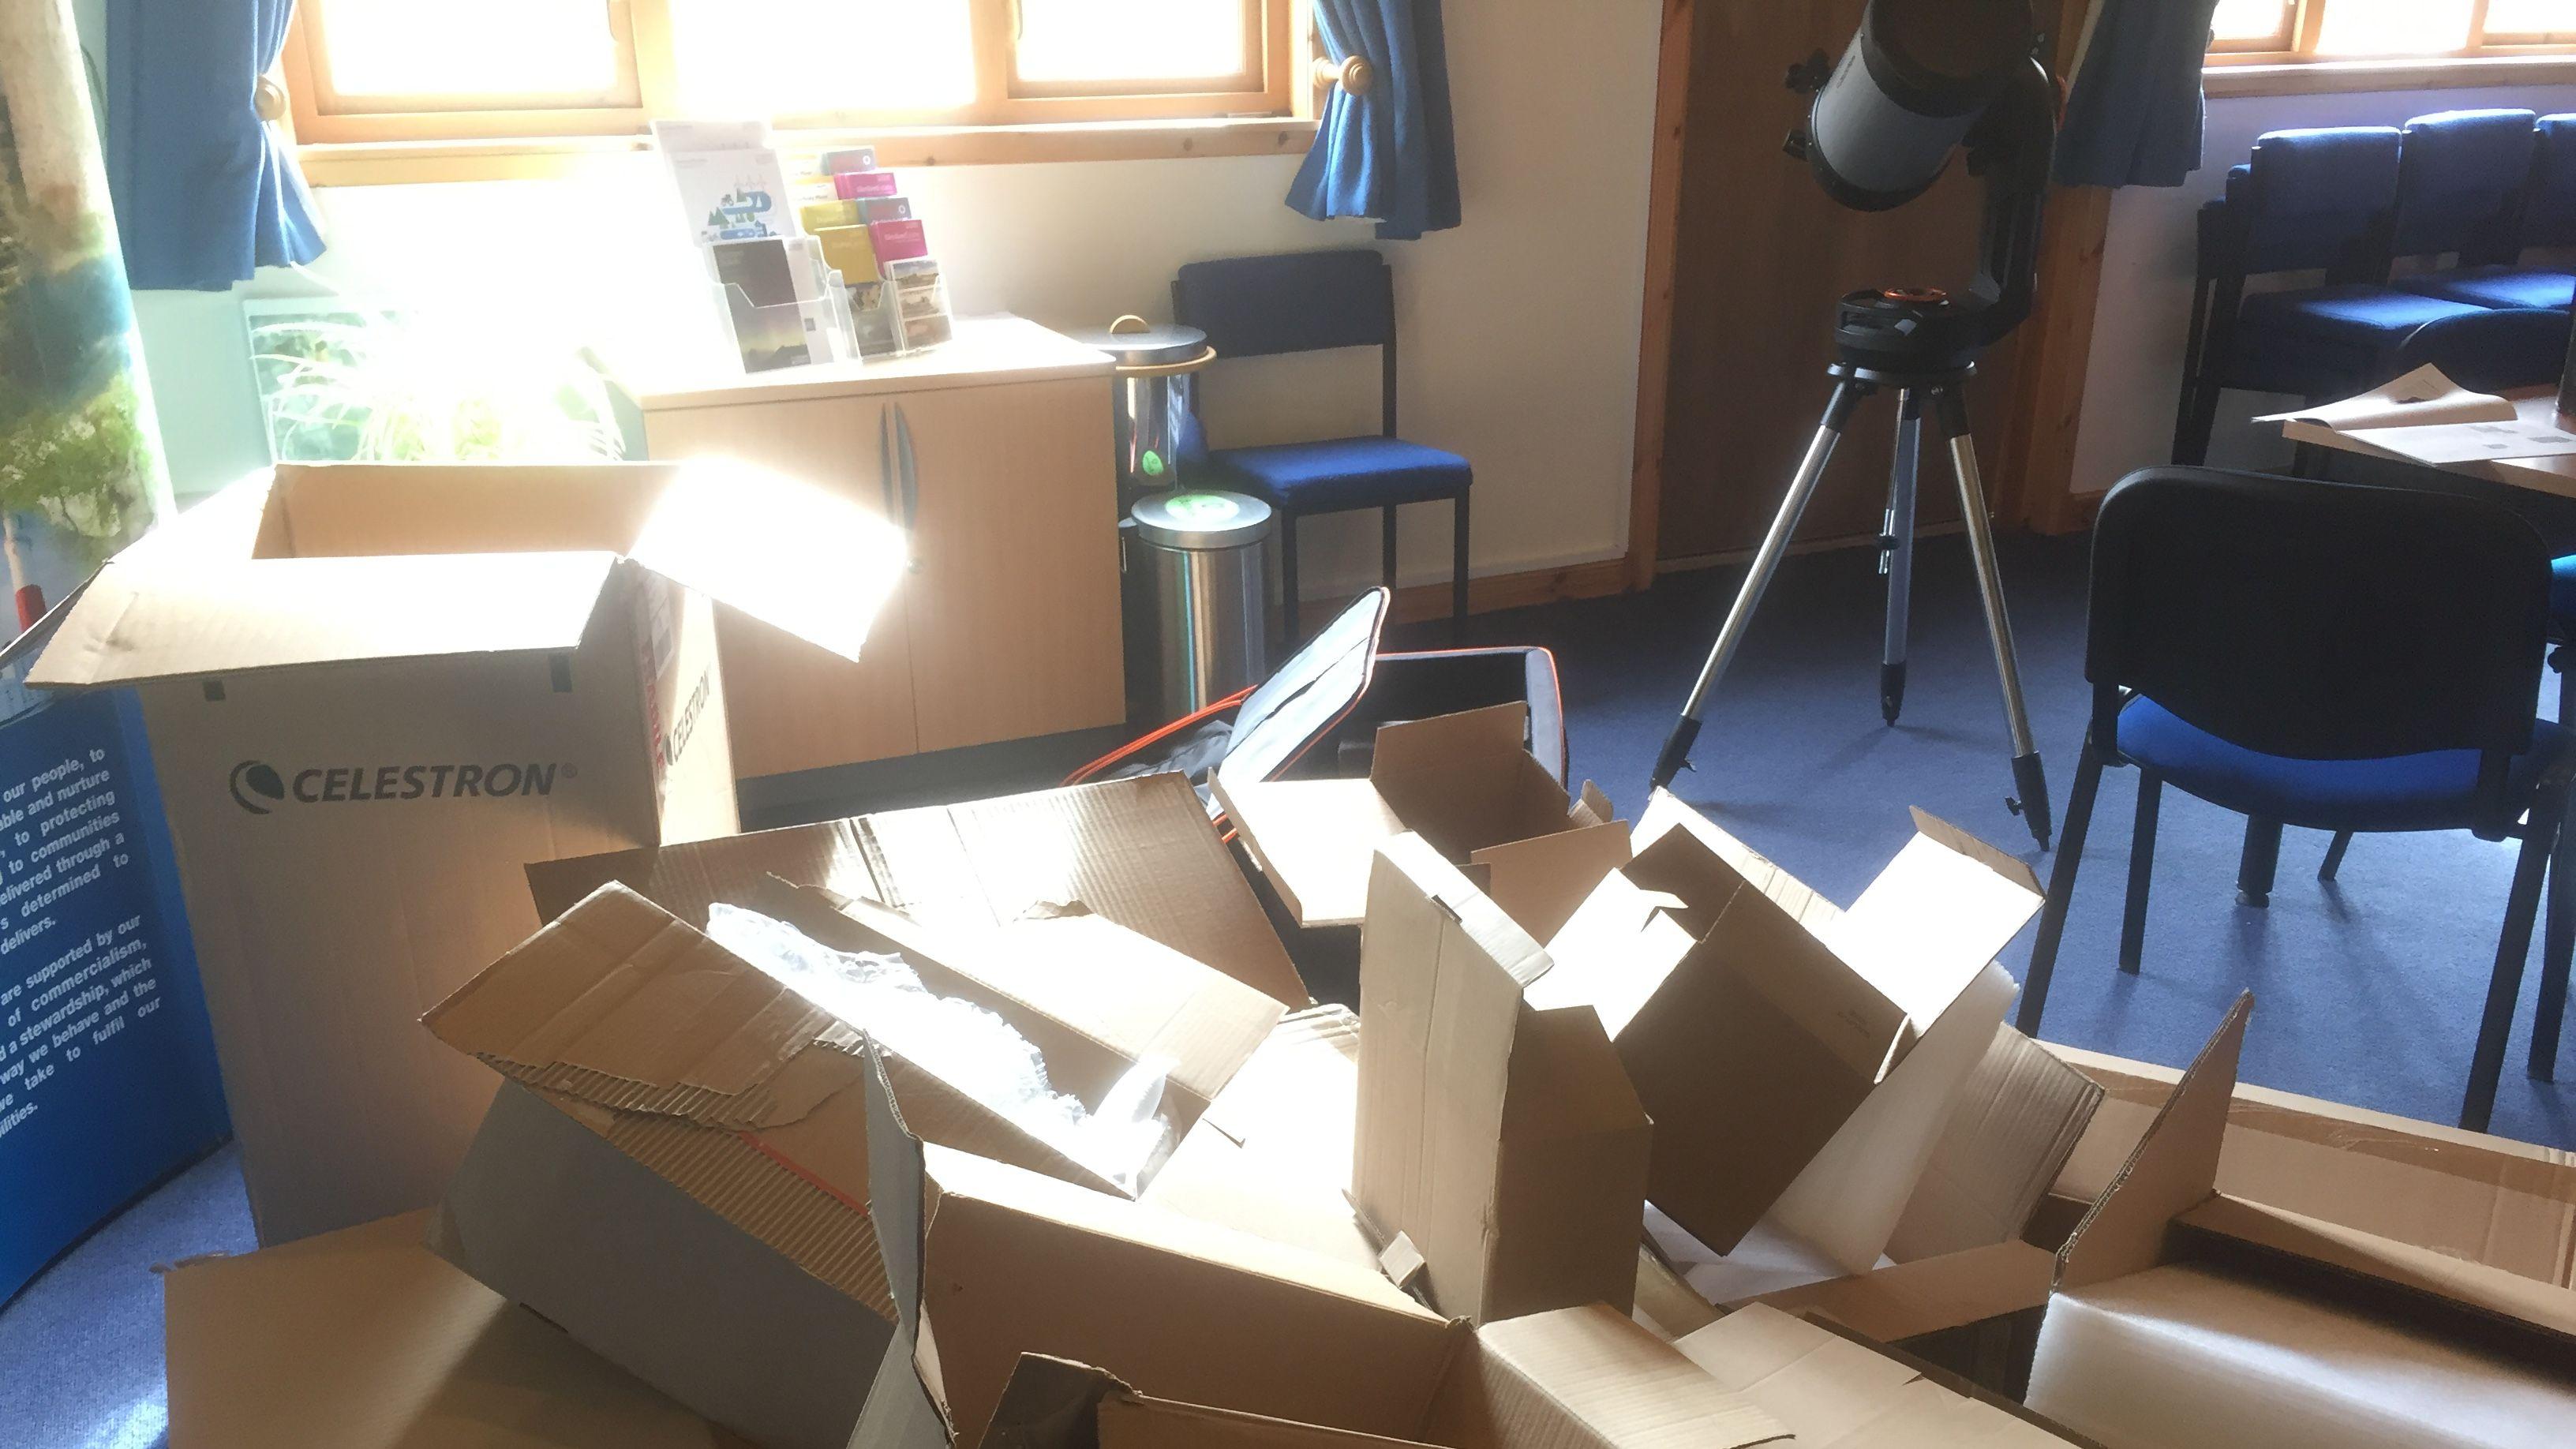 Unpacking the new Telescope